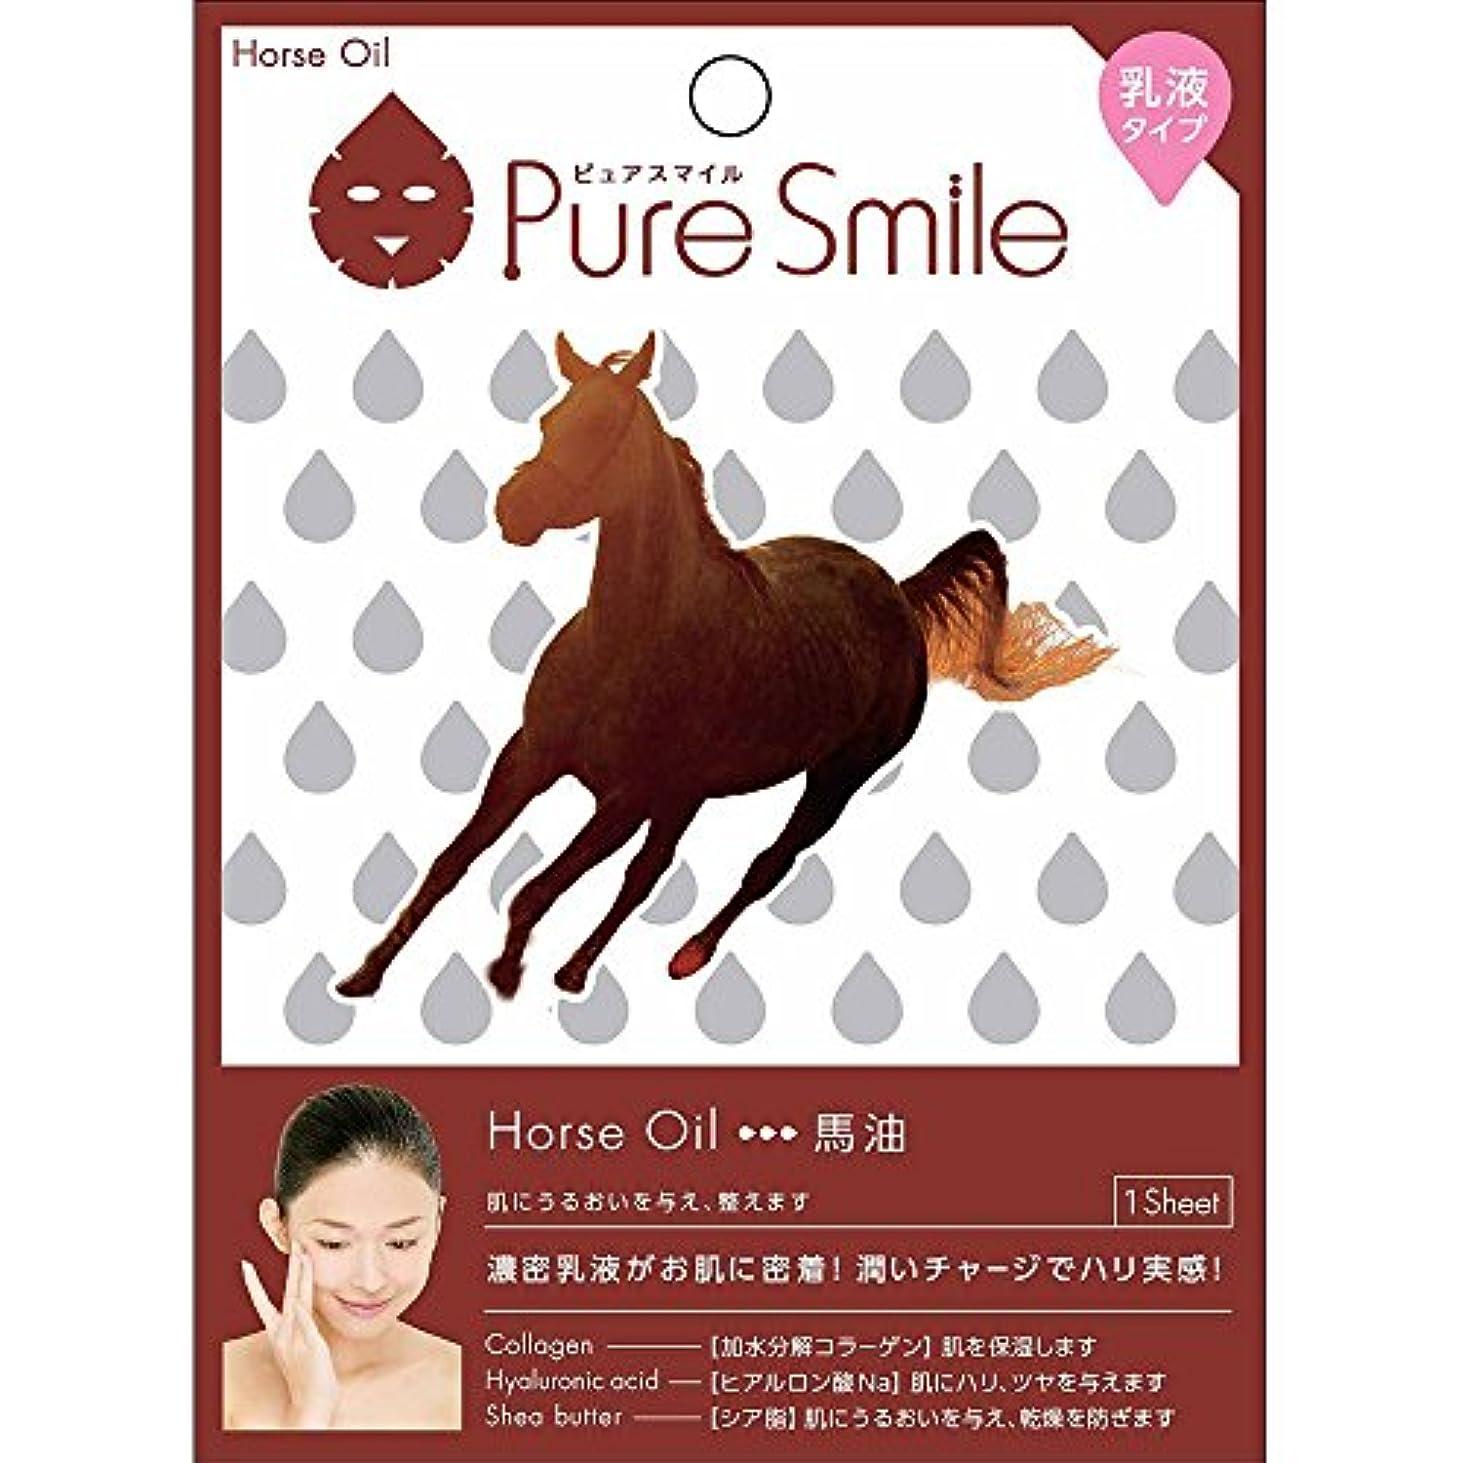 トリッキー公平キュービックPure Smile/ピュアスマイル 乳液 エッセンス/フェイスマスク 『Horse oil/馬油』